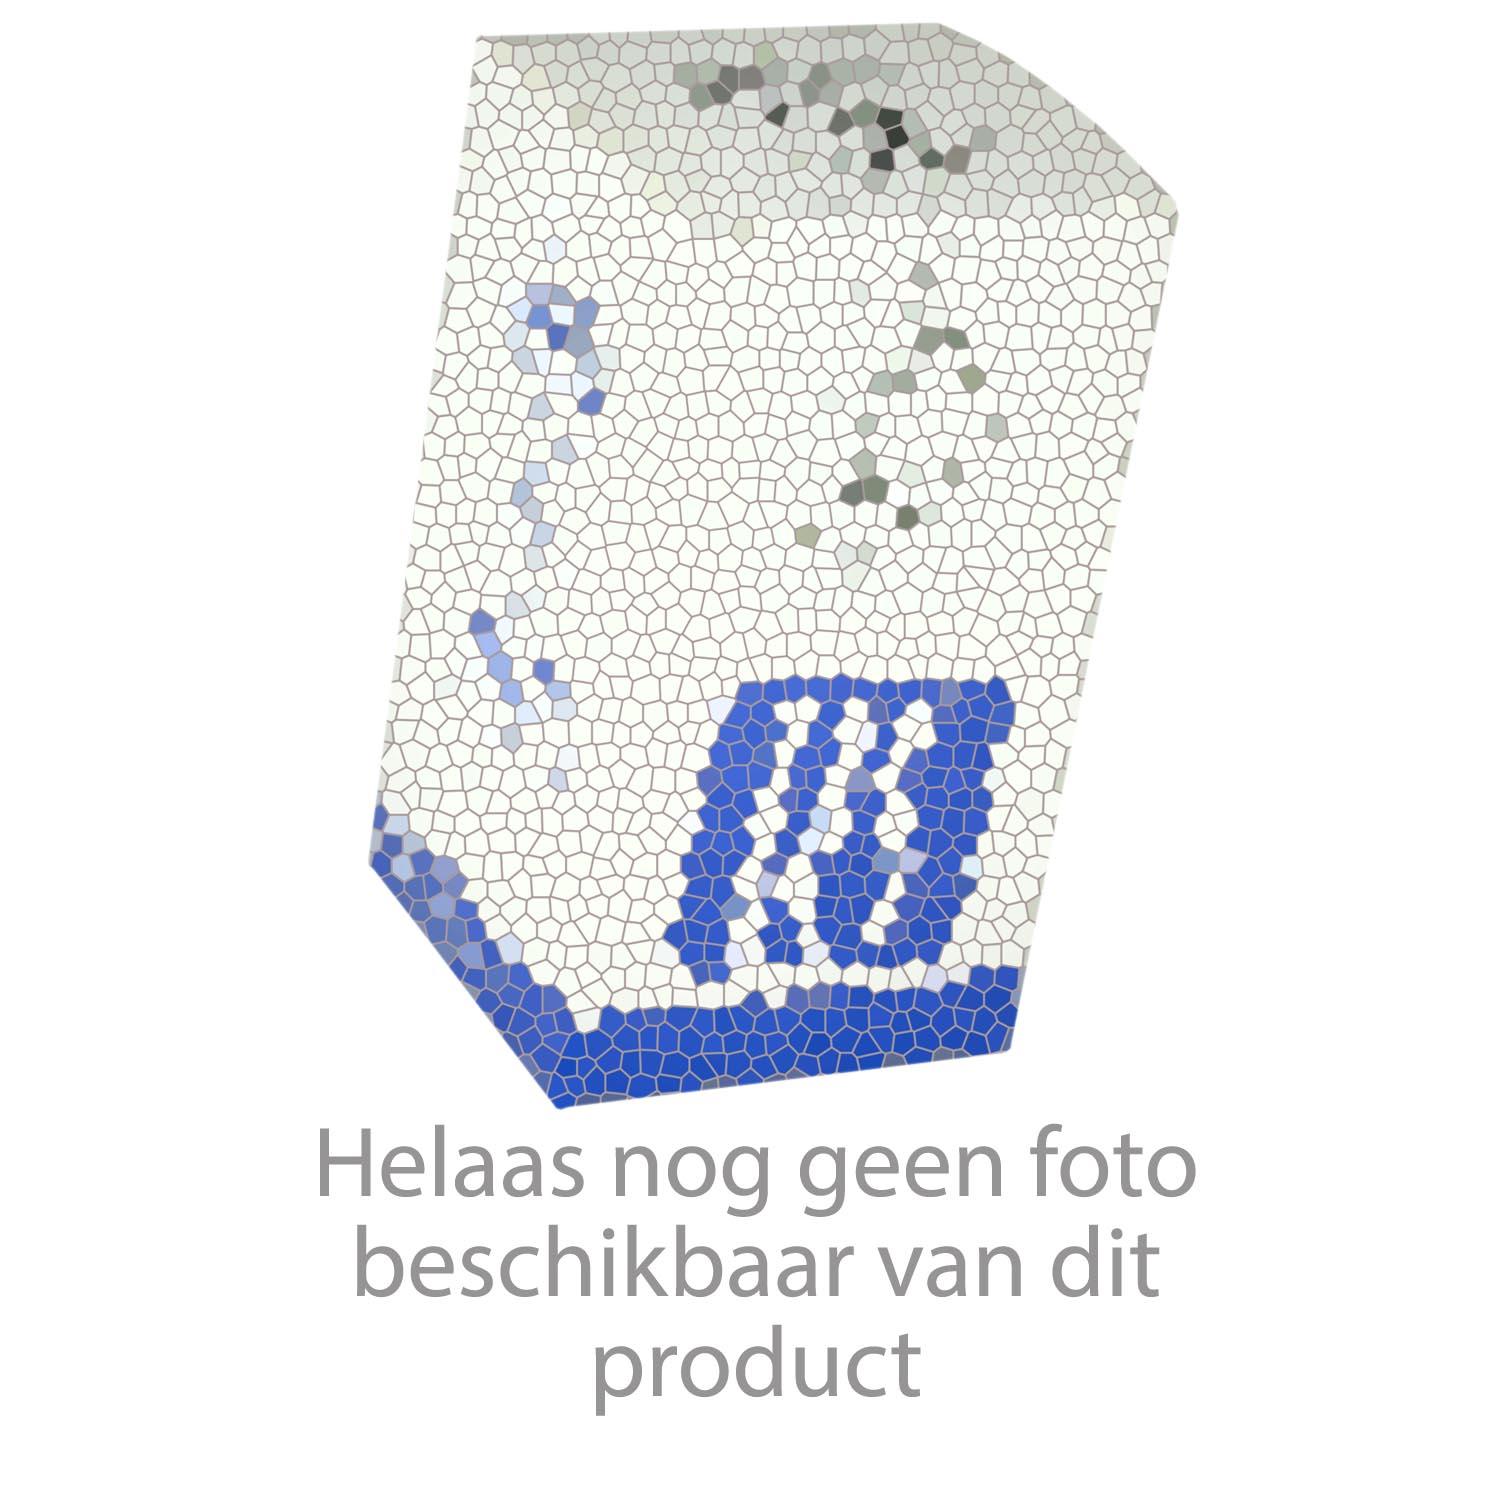 HansGrohe Keukenmengkranen Allegra Metropol productiejaar > 05/01 14830 onderdelen